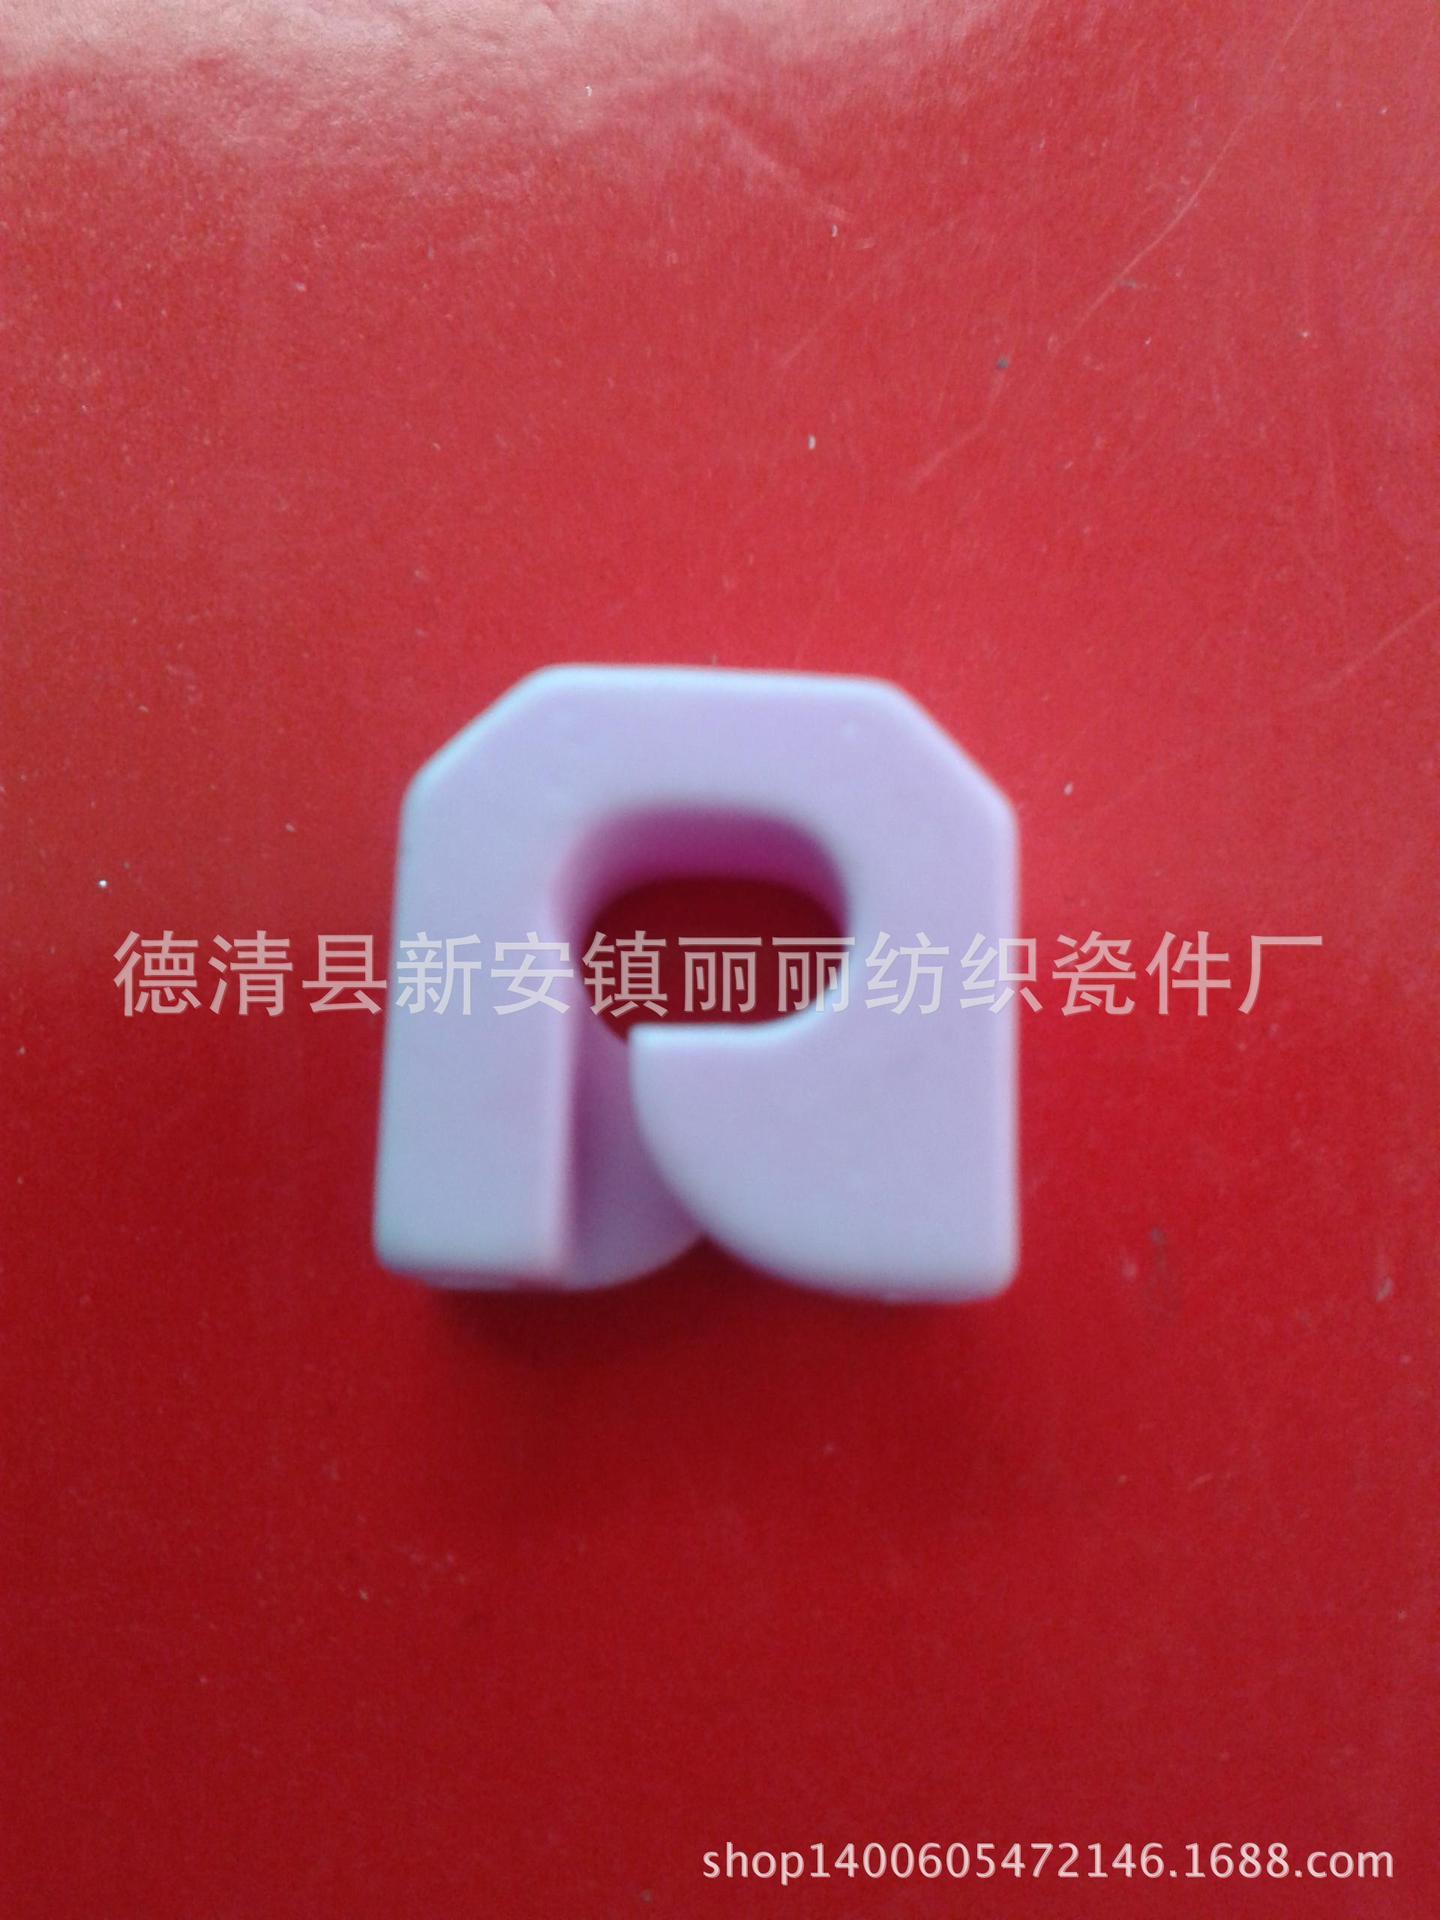 供应纺织配件氧化铝95瓷99瓷